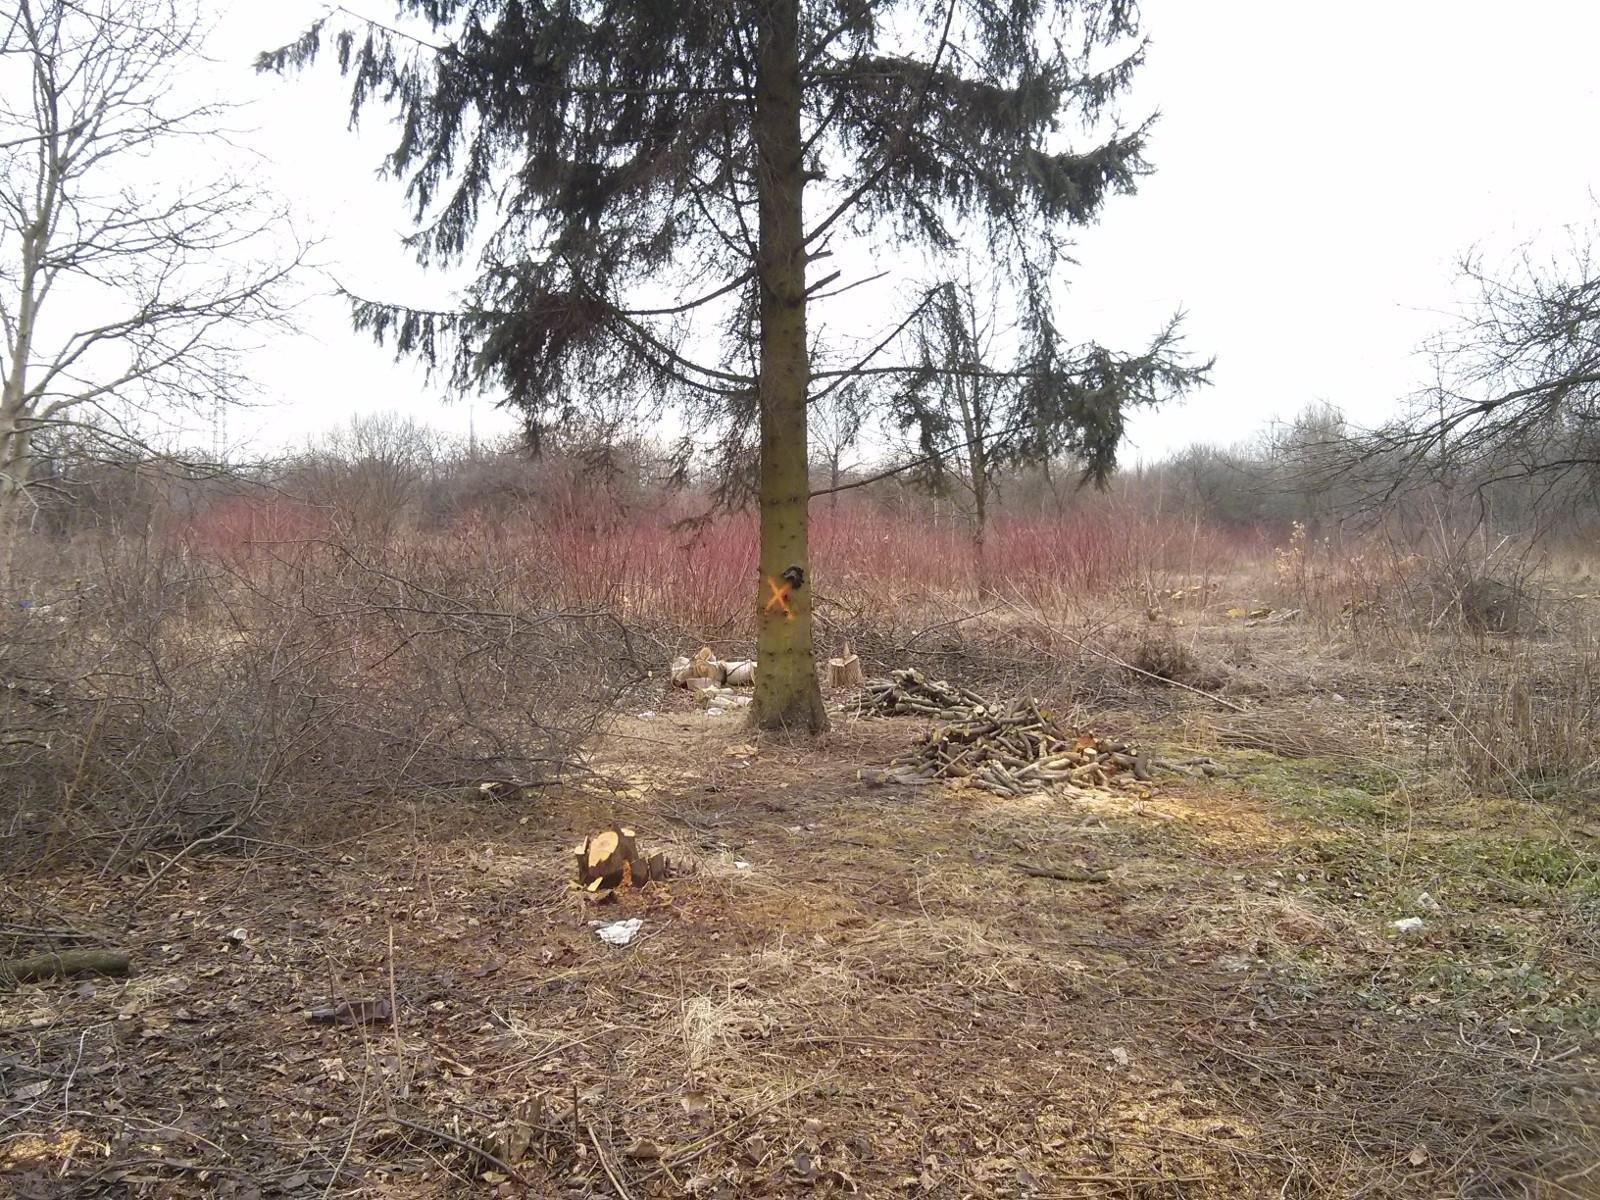 Oznaczenia na drzewach z terenu wycinki